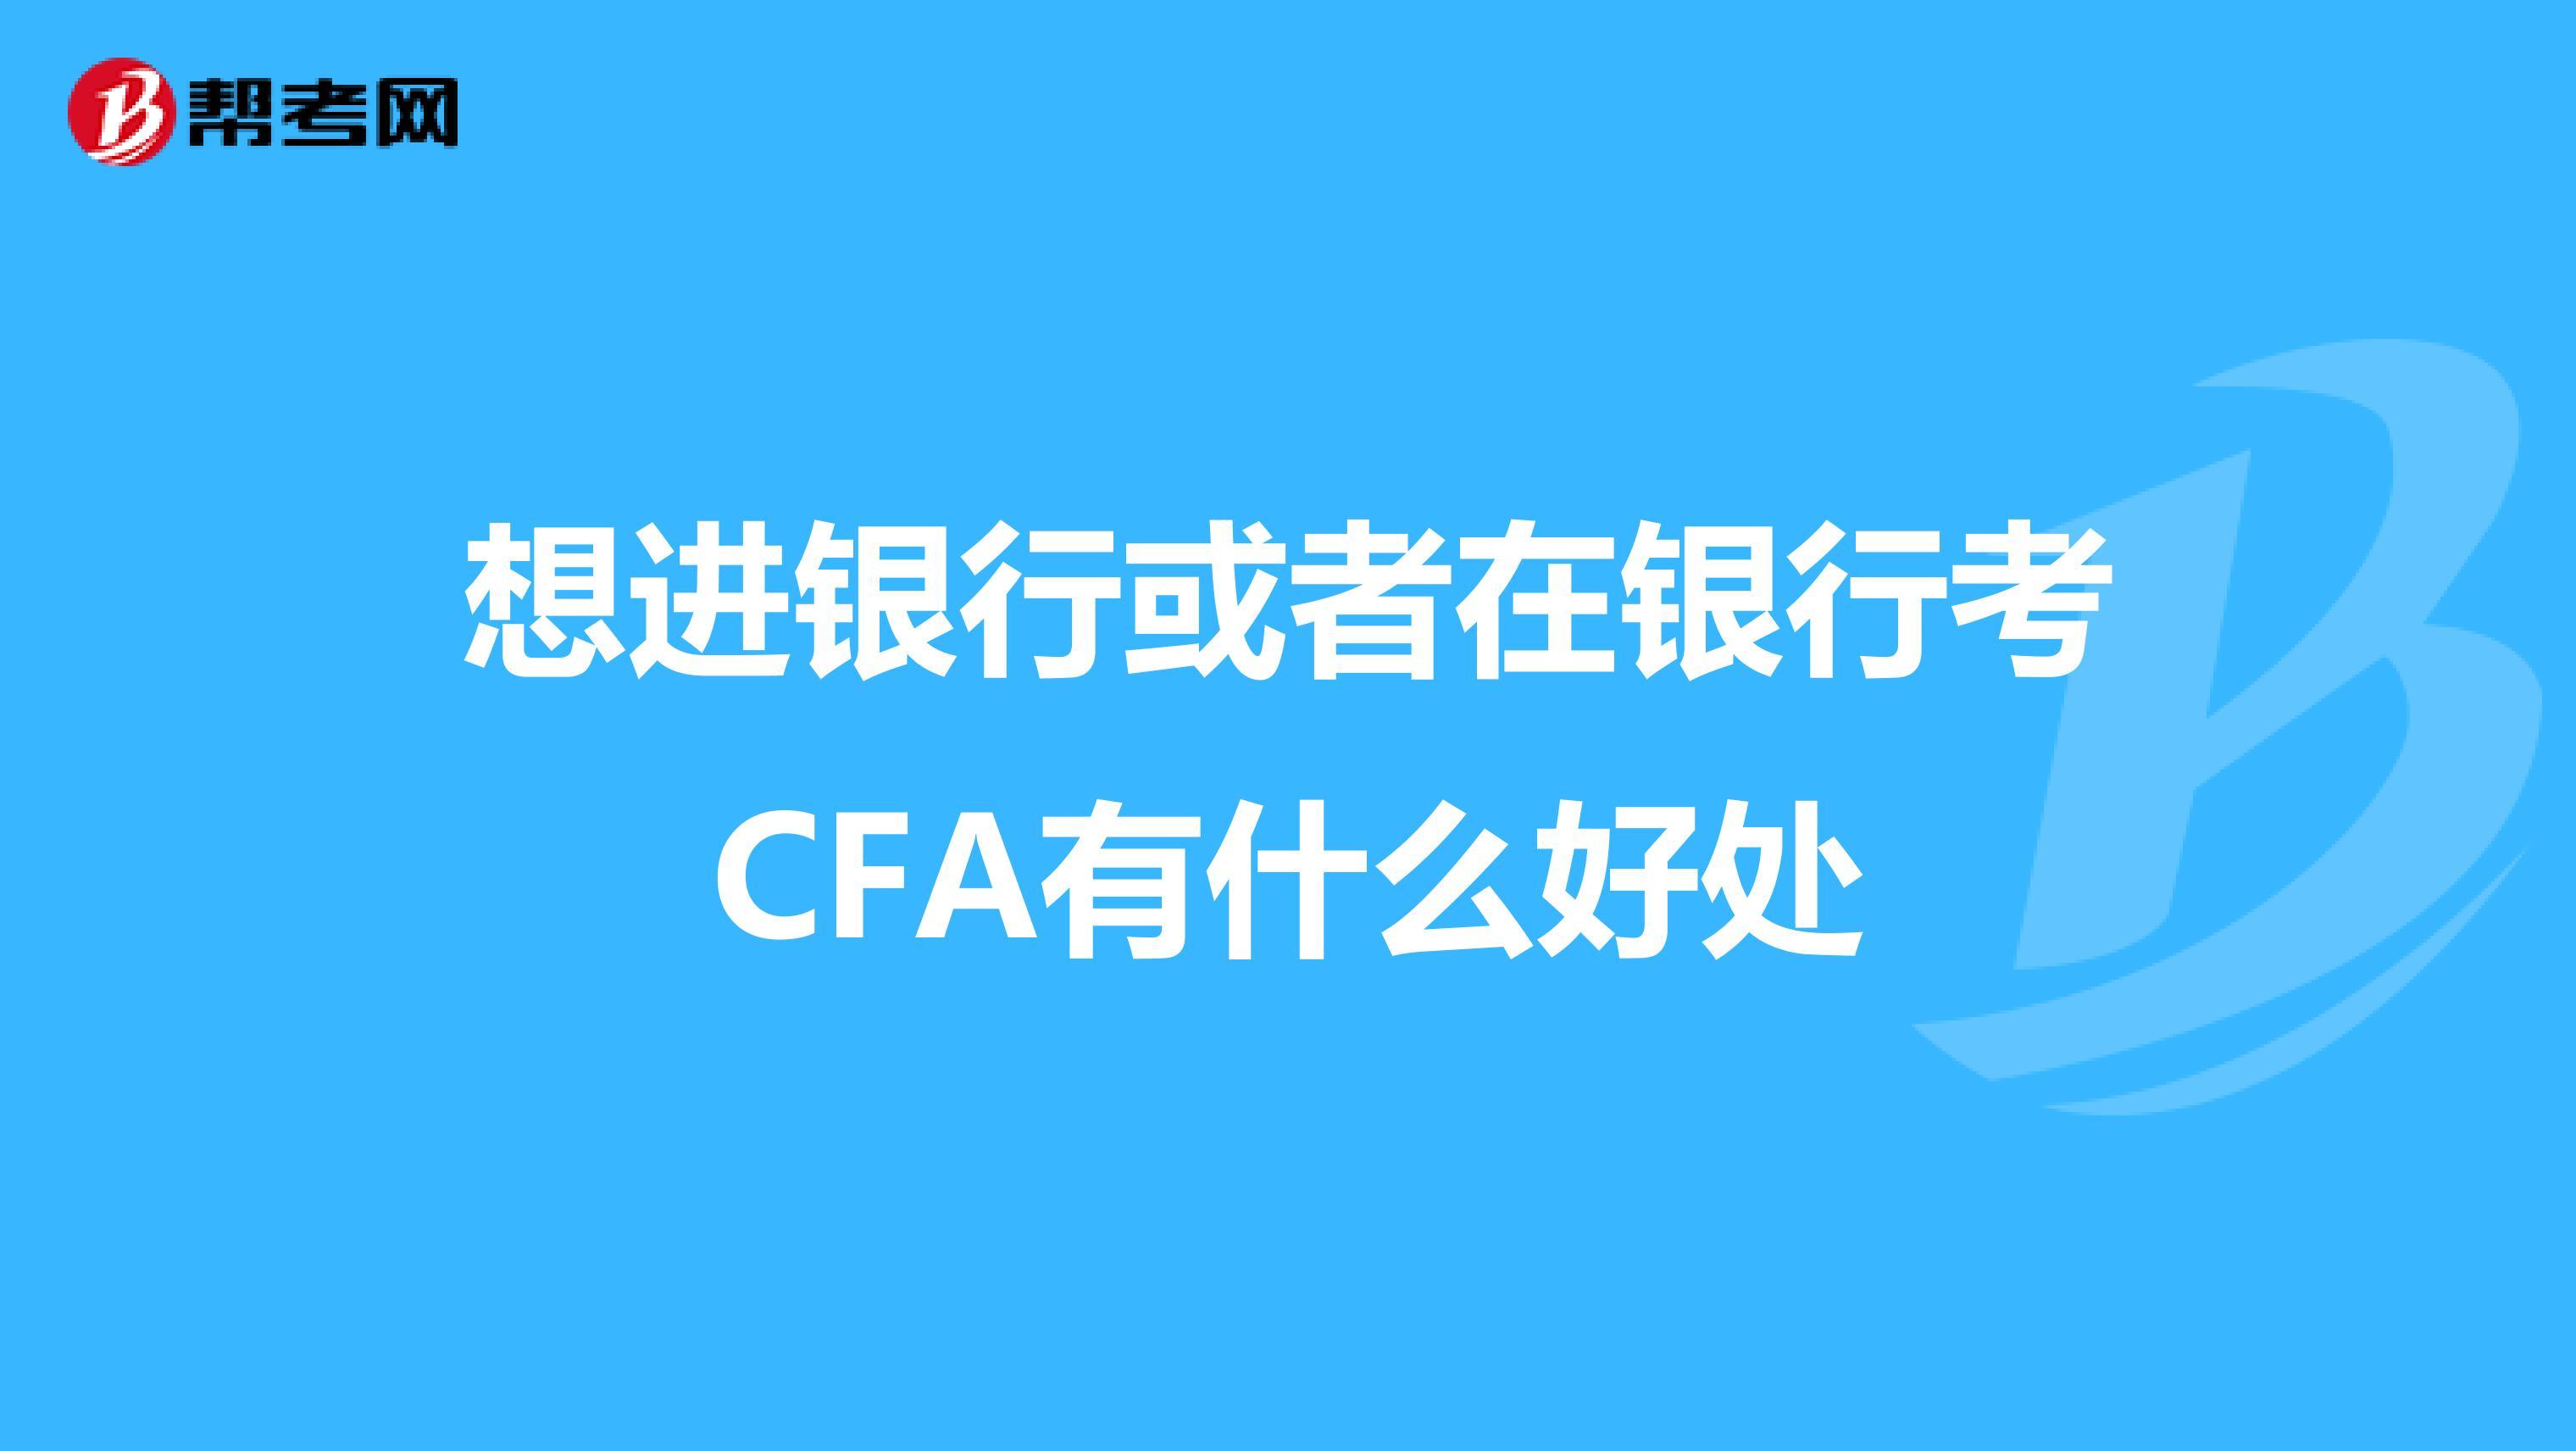 想进银行或者在银行考CFA有什么好处